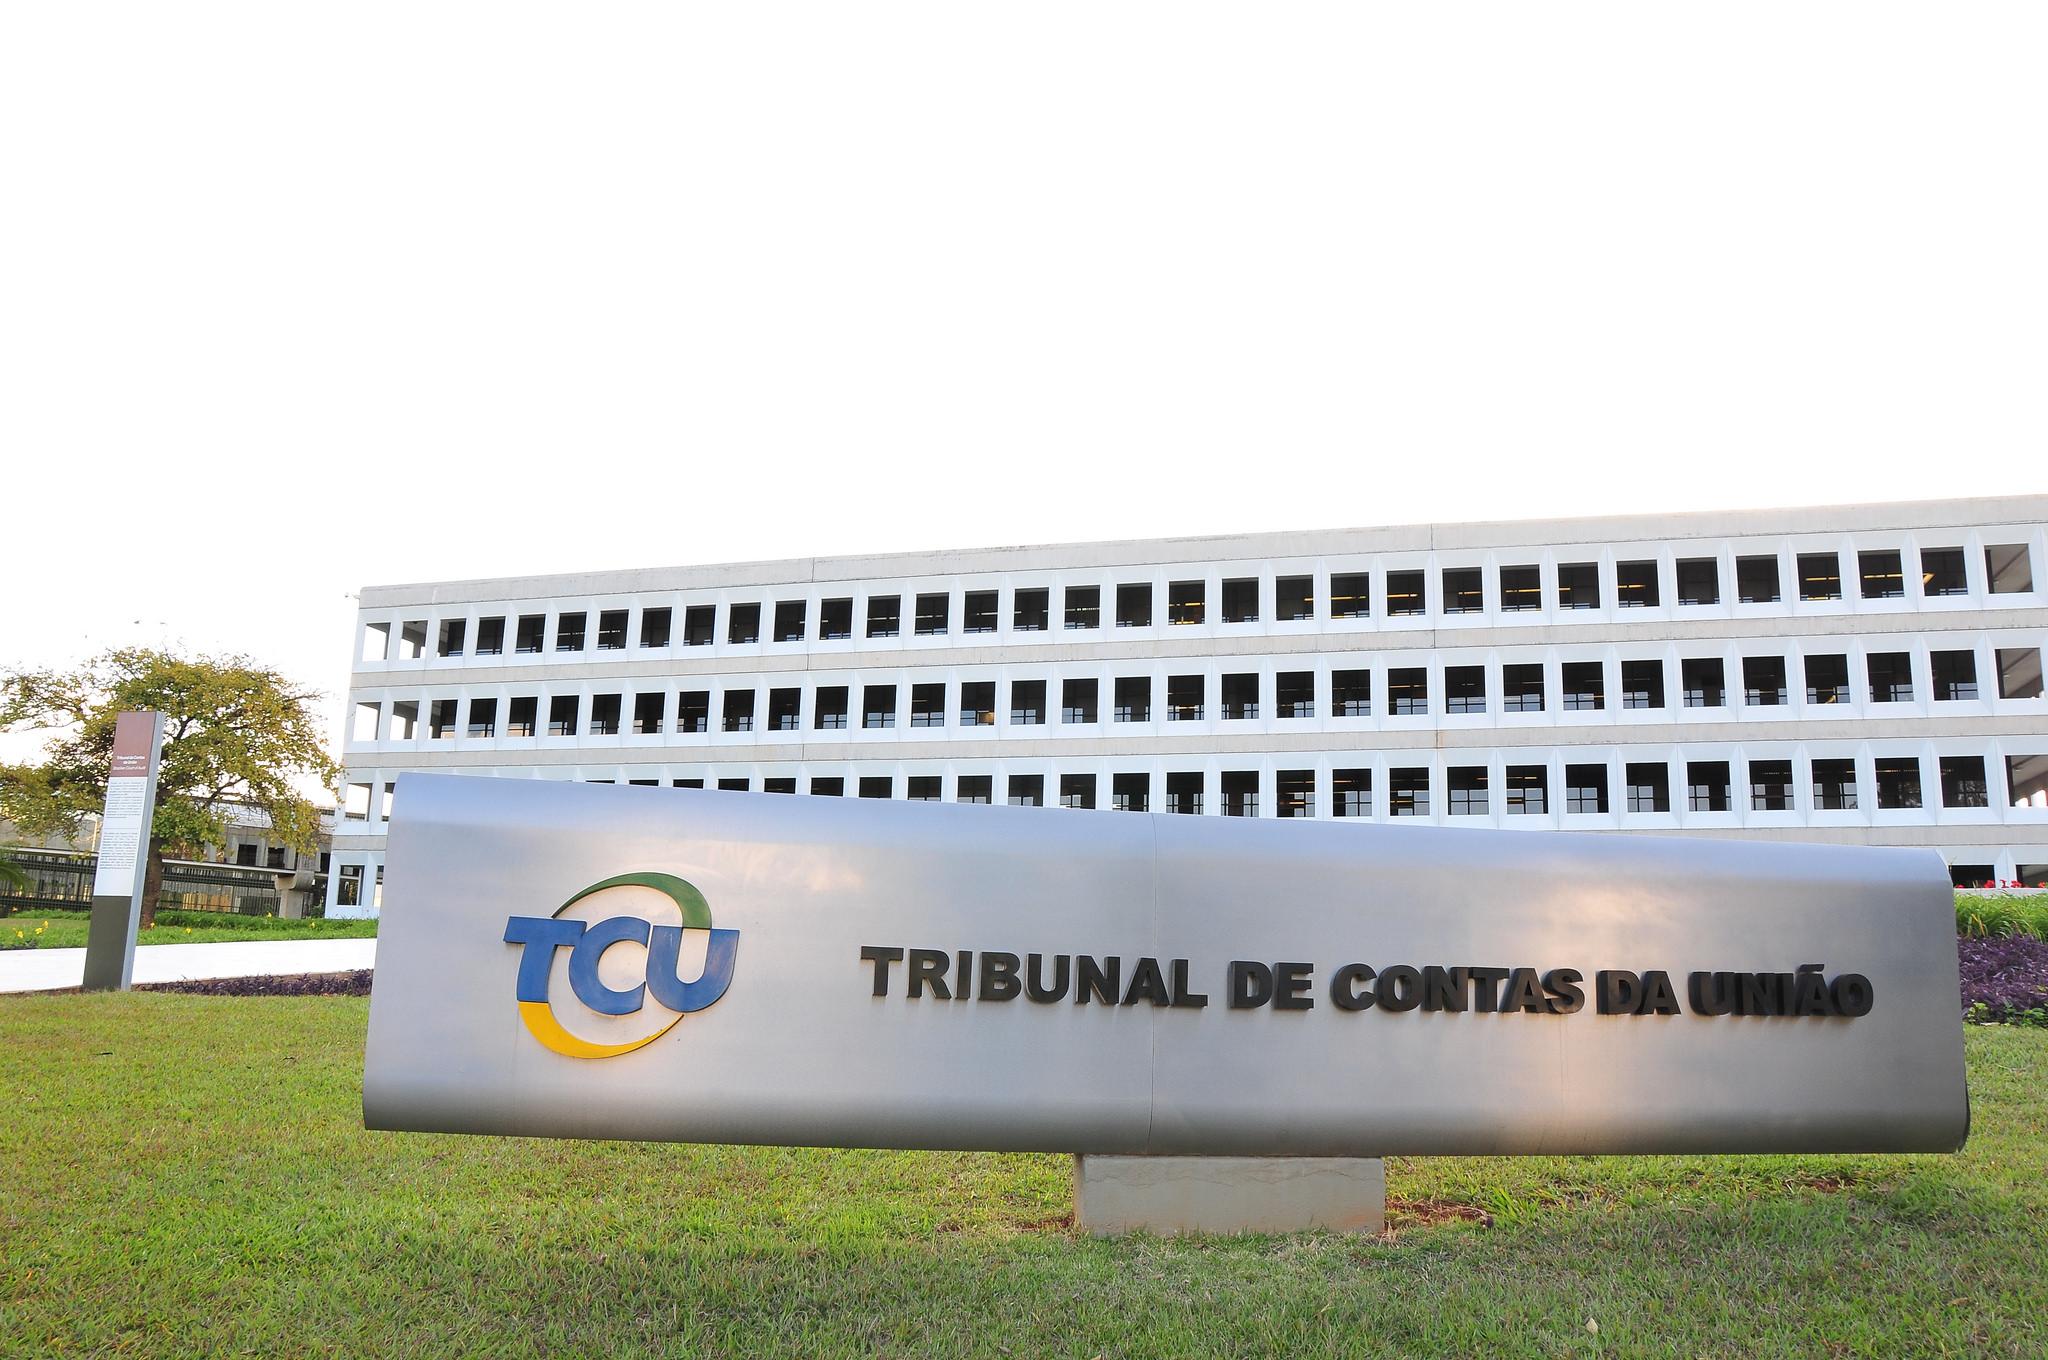 """TCU atribui a """"viés de otimismo"""" liberação de R$ 1,2 bi pela Caixa para VLT de Cuiabá"""